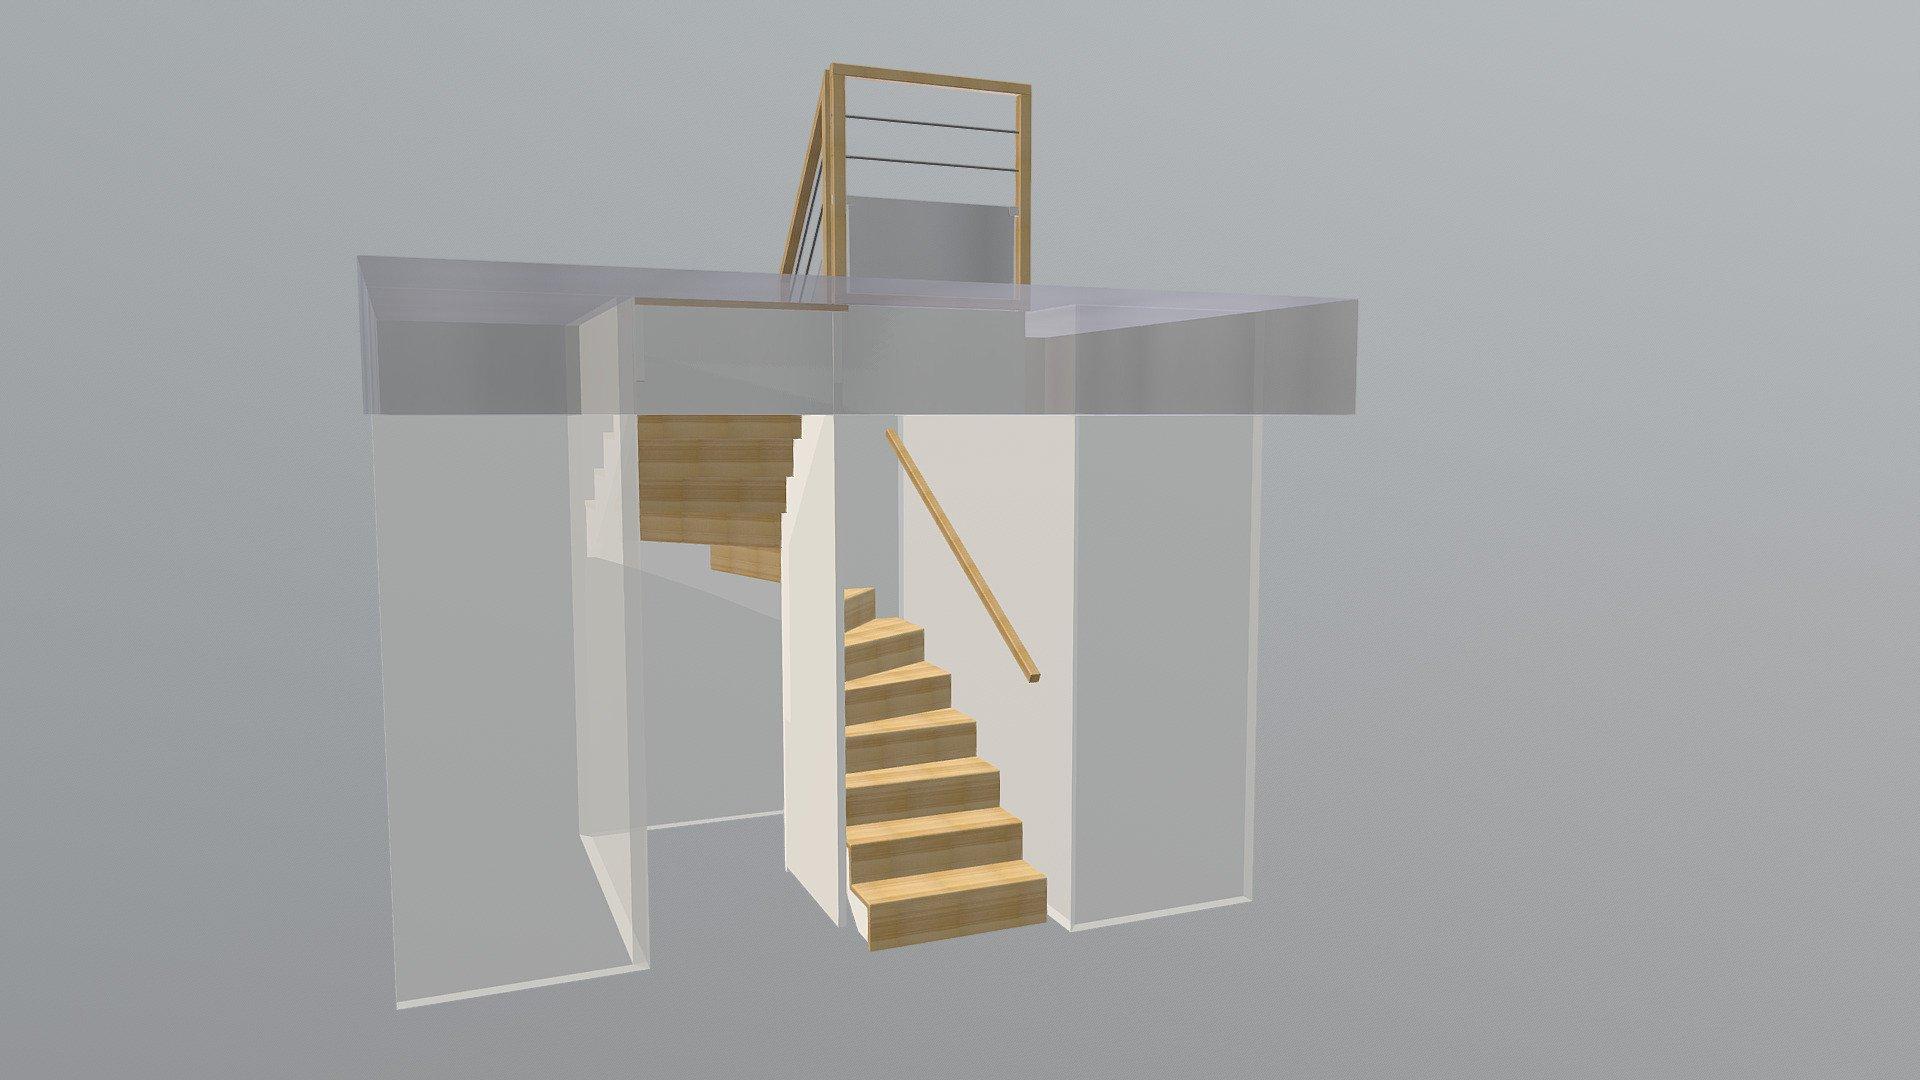 escalier l 39 anglaise en u c18 48 escaliers prosper sp cialiste de la conception la pose. Black Bedroom Furniture Sets. Home Design Ideas